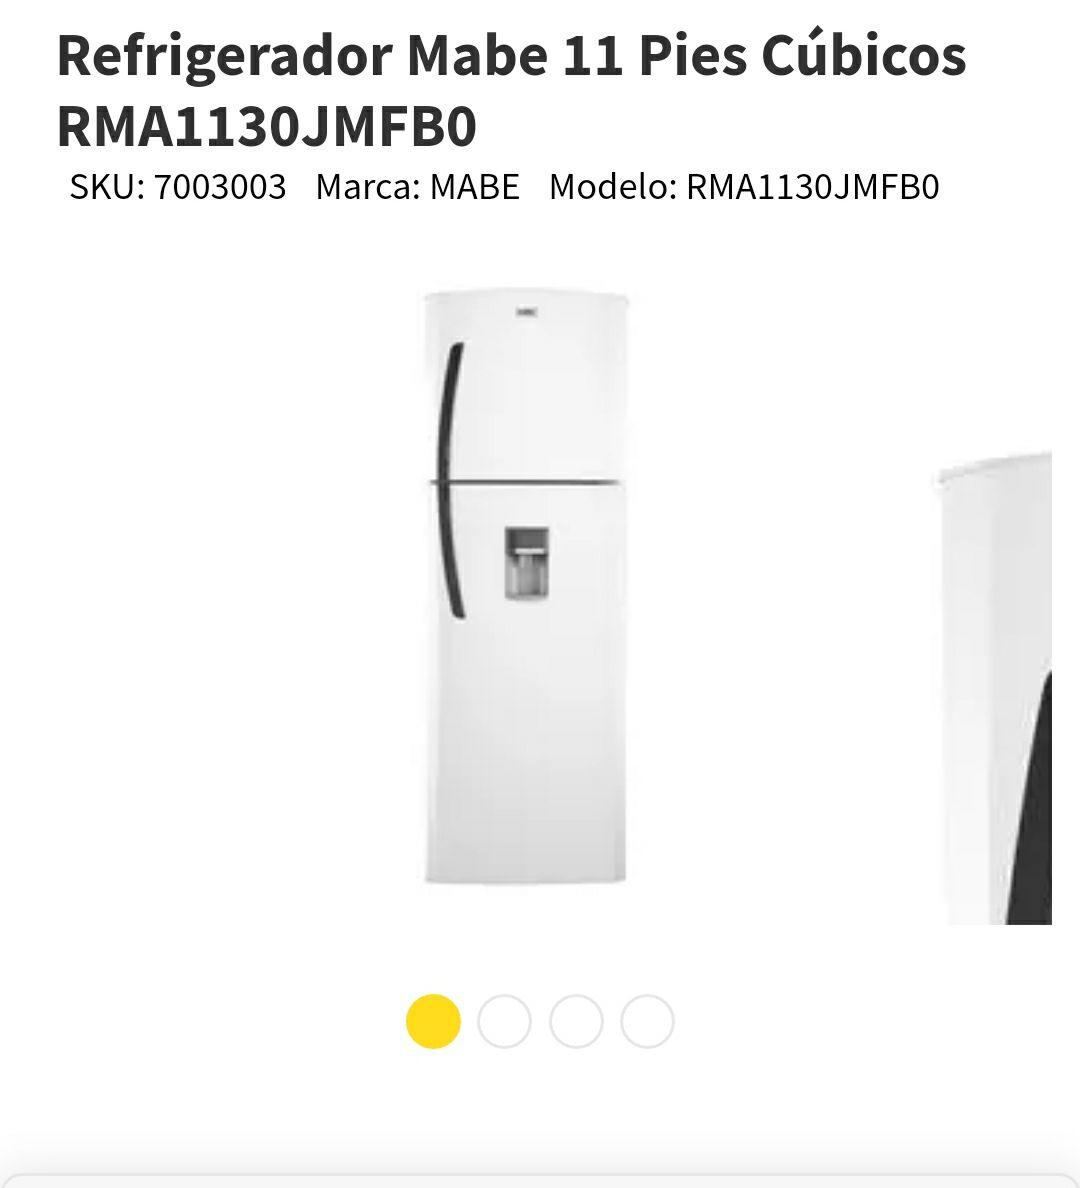 Elektra: Refrigerador Mabe 11 Pies Cúbicos pagando con Paypal